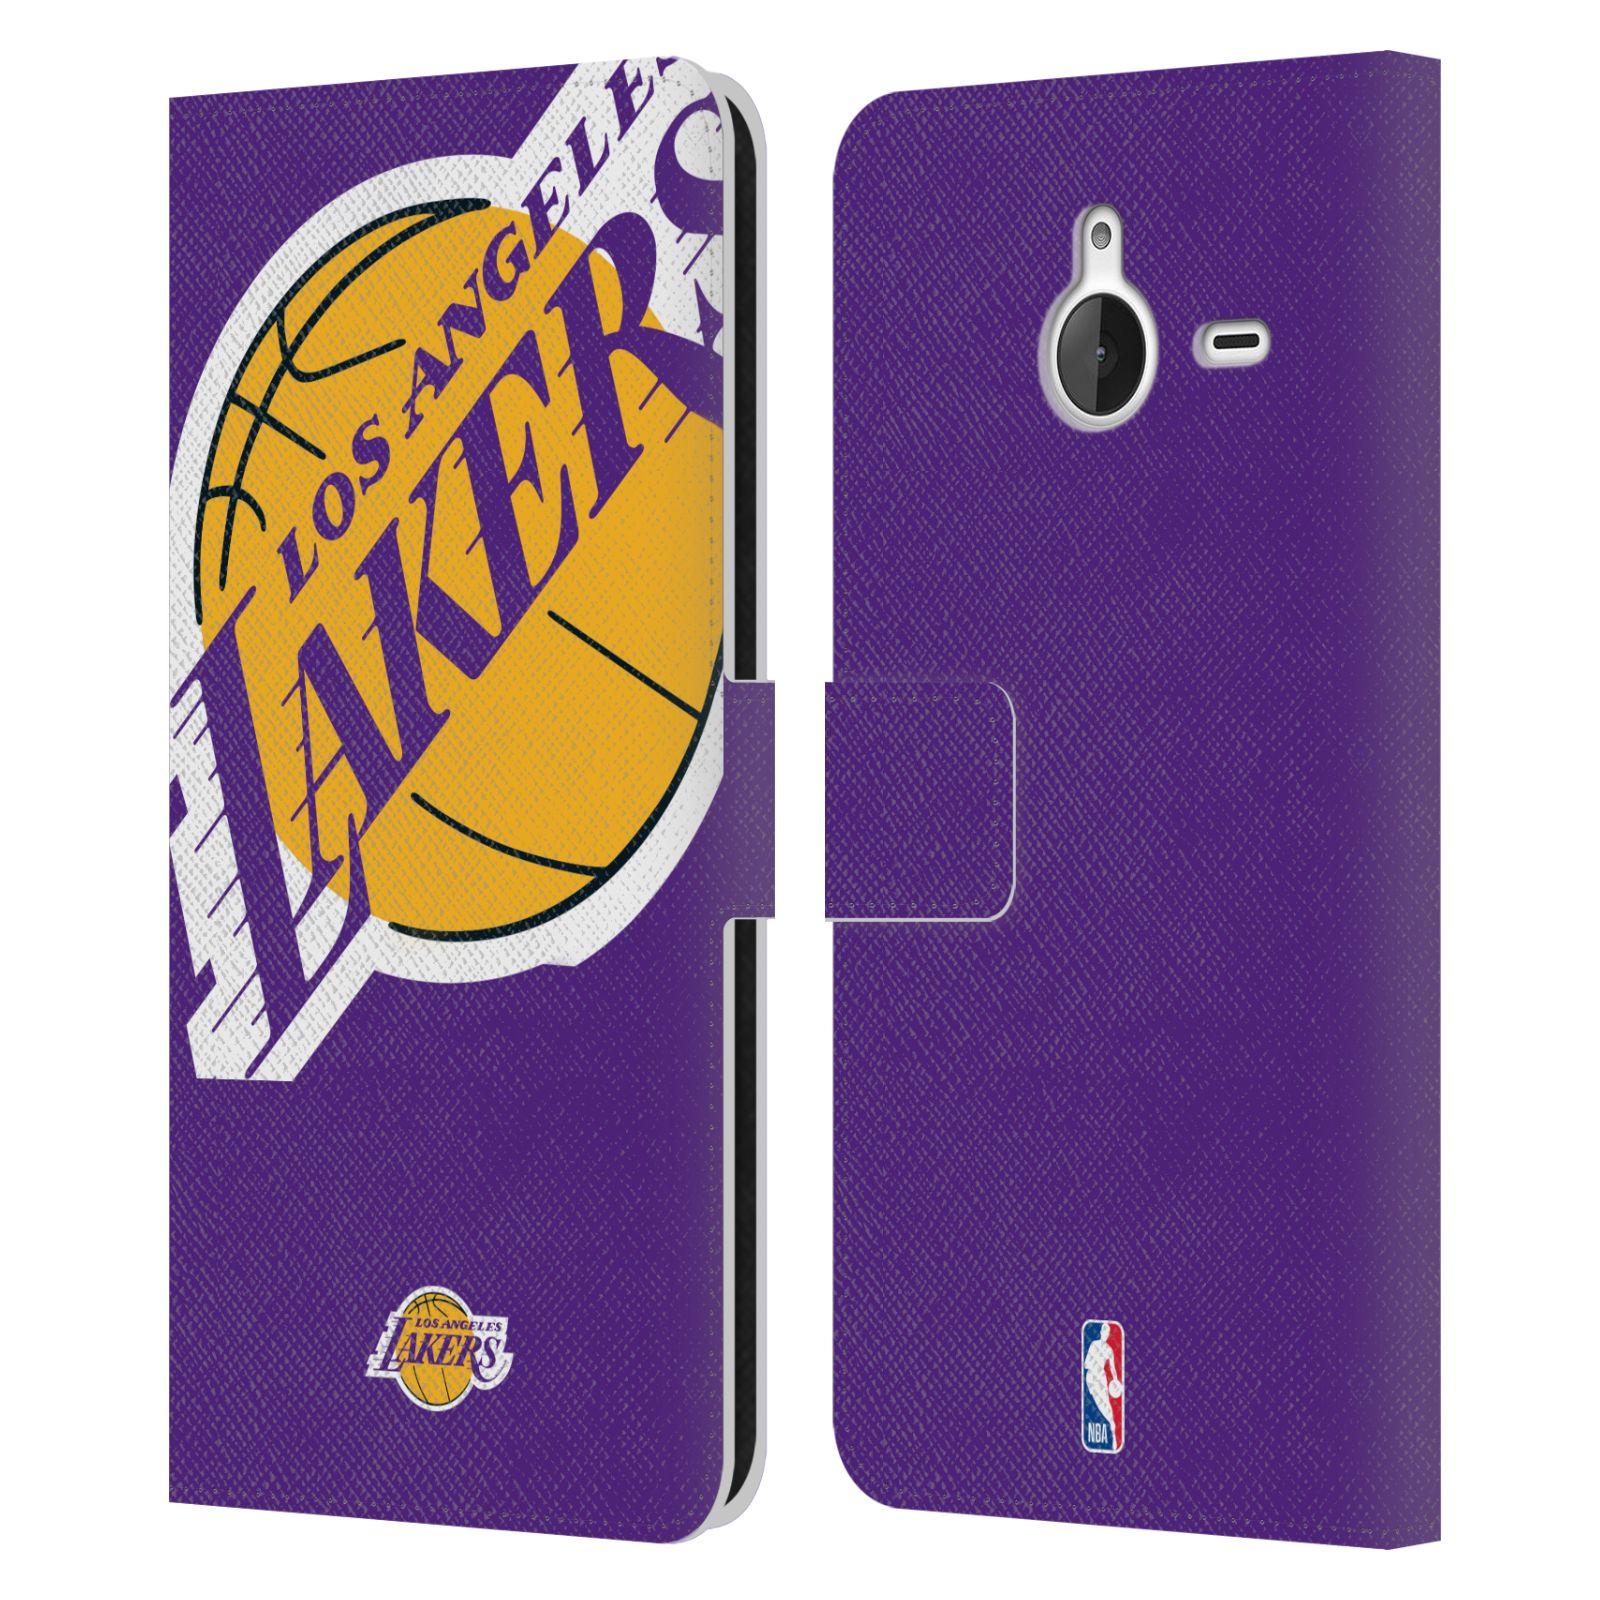 Pouzdro na mobil Nokia Lumia 640 XL - Head Case - NBA - Los Angeles Lakers velký znak